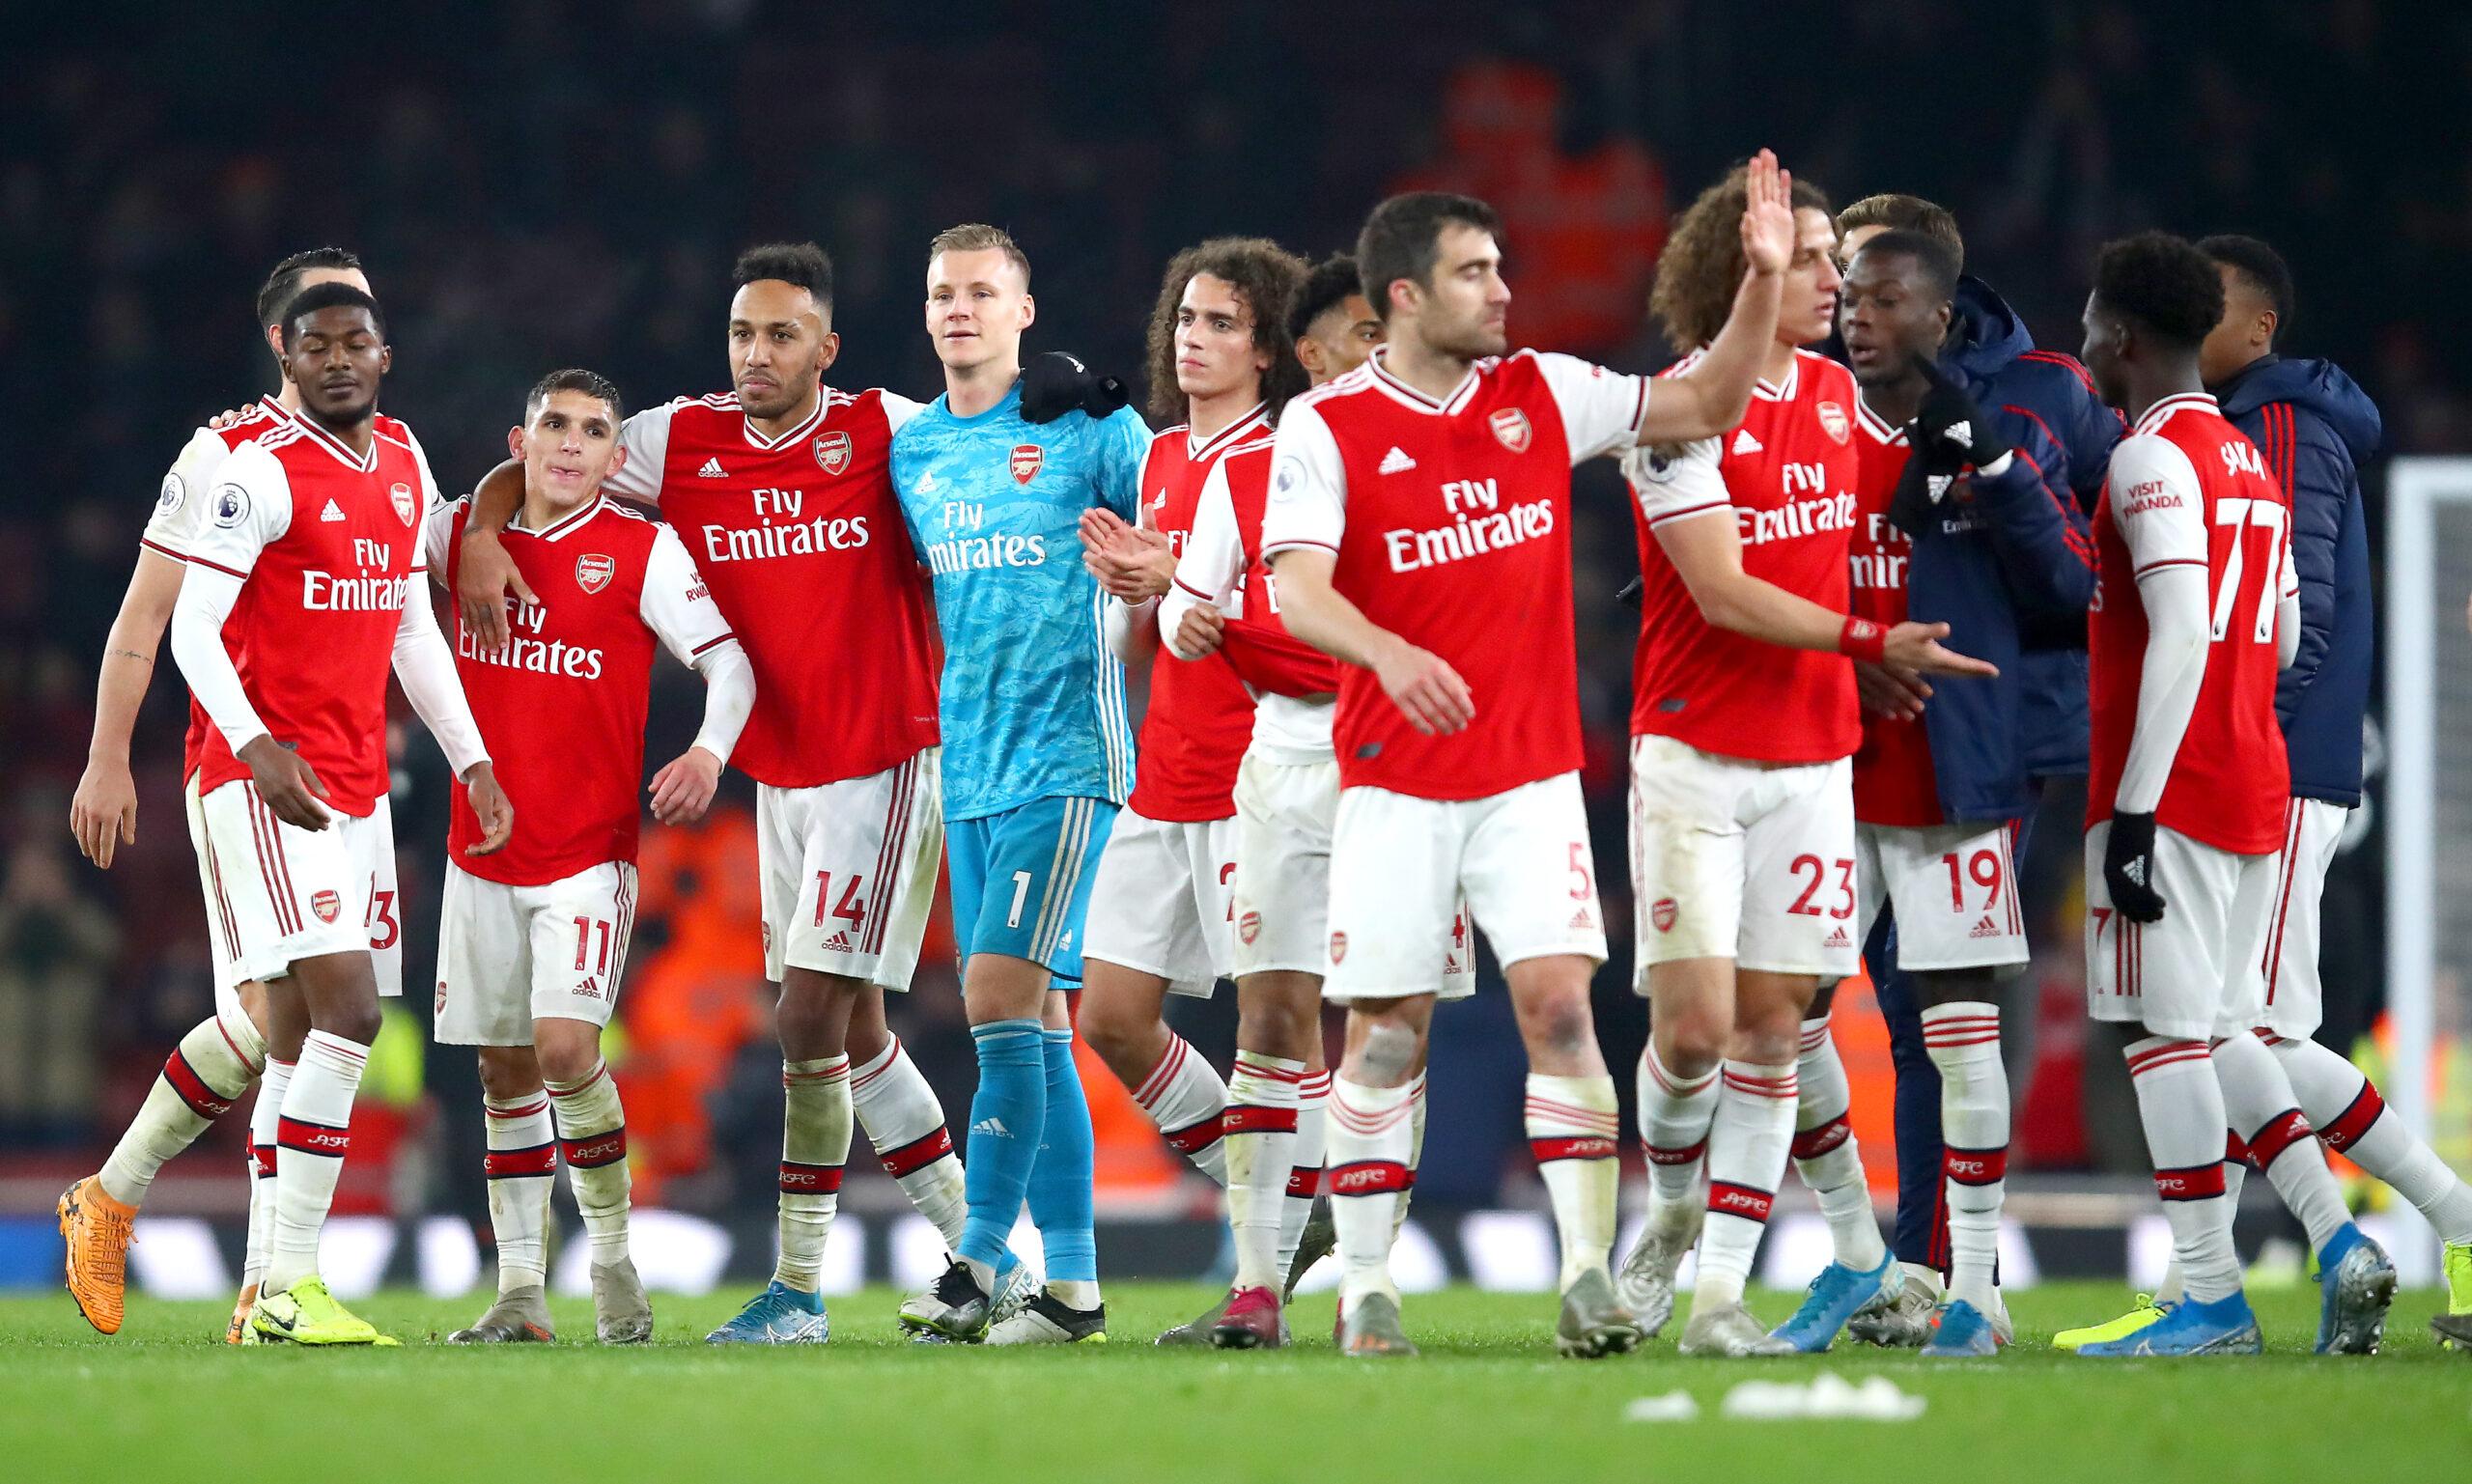 La Gazzetta: El Atlético dispuesto a cerrar un fichaje del Arsenal